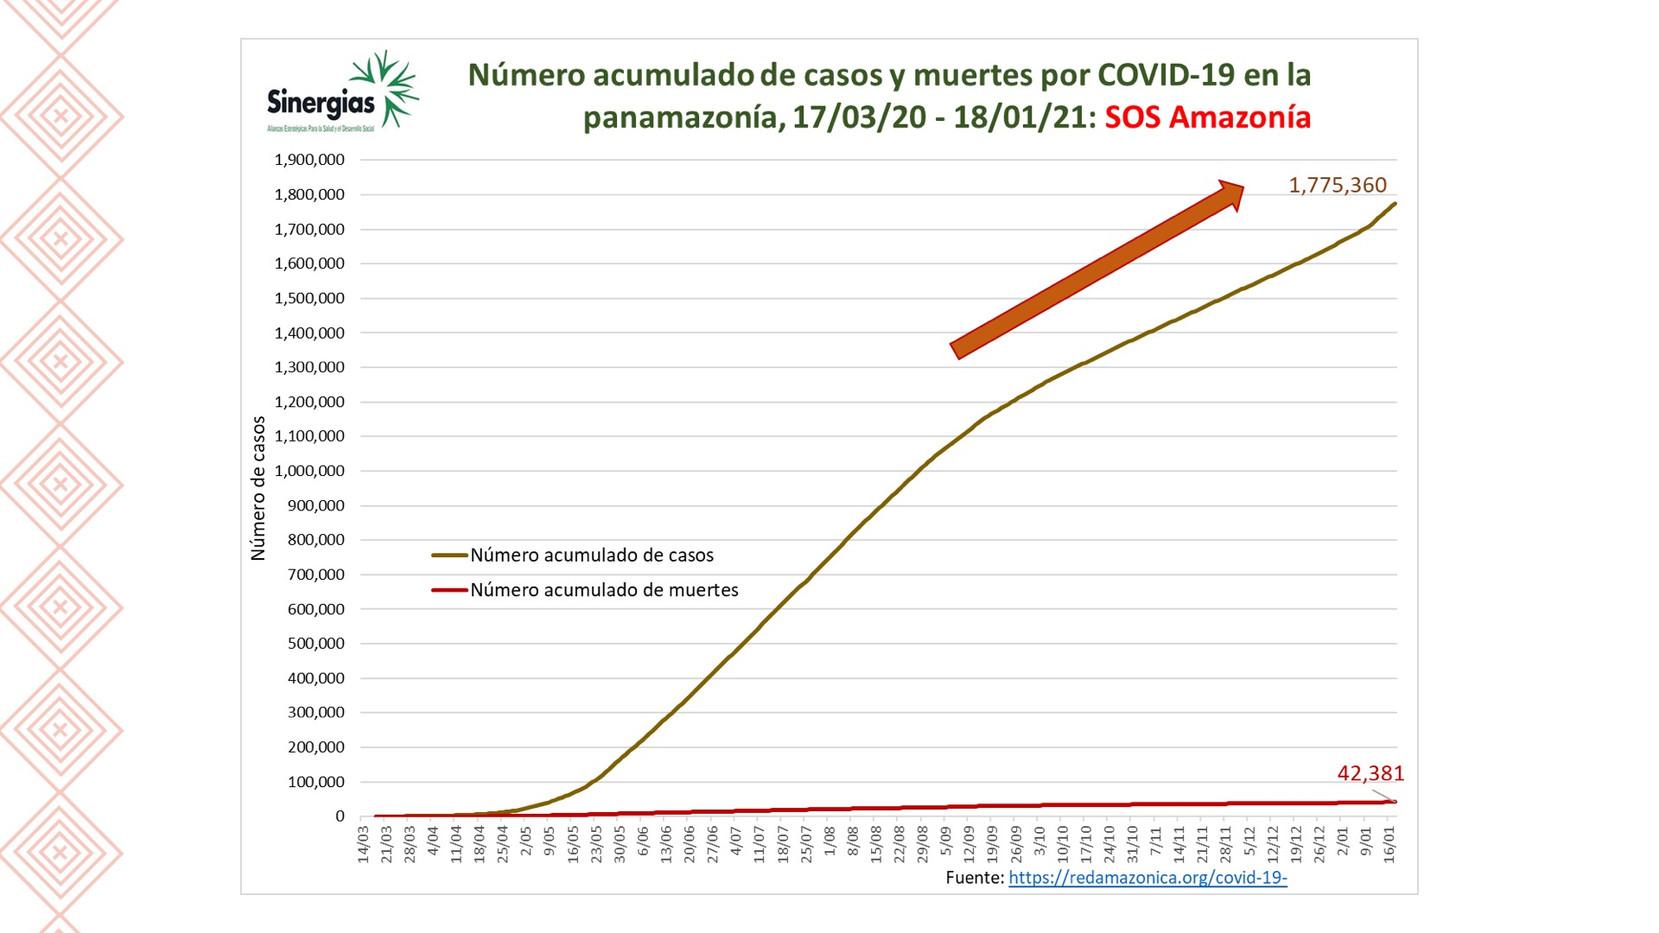 Número acumulado de casos y muerte por COVID19 en la Pan- Amazonía